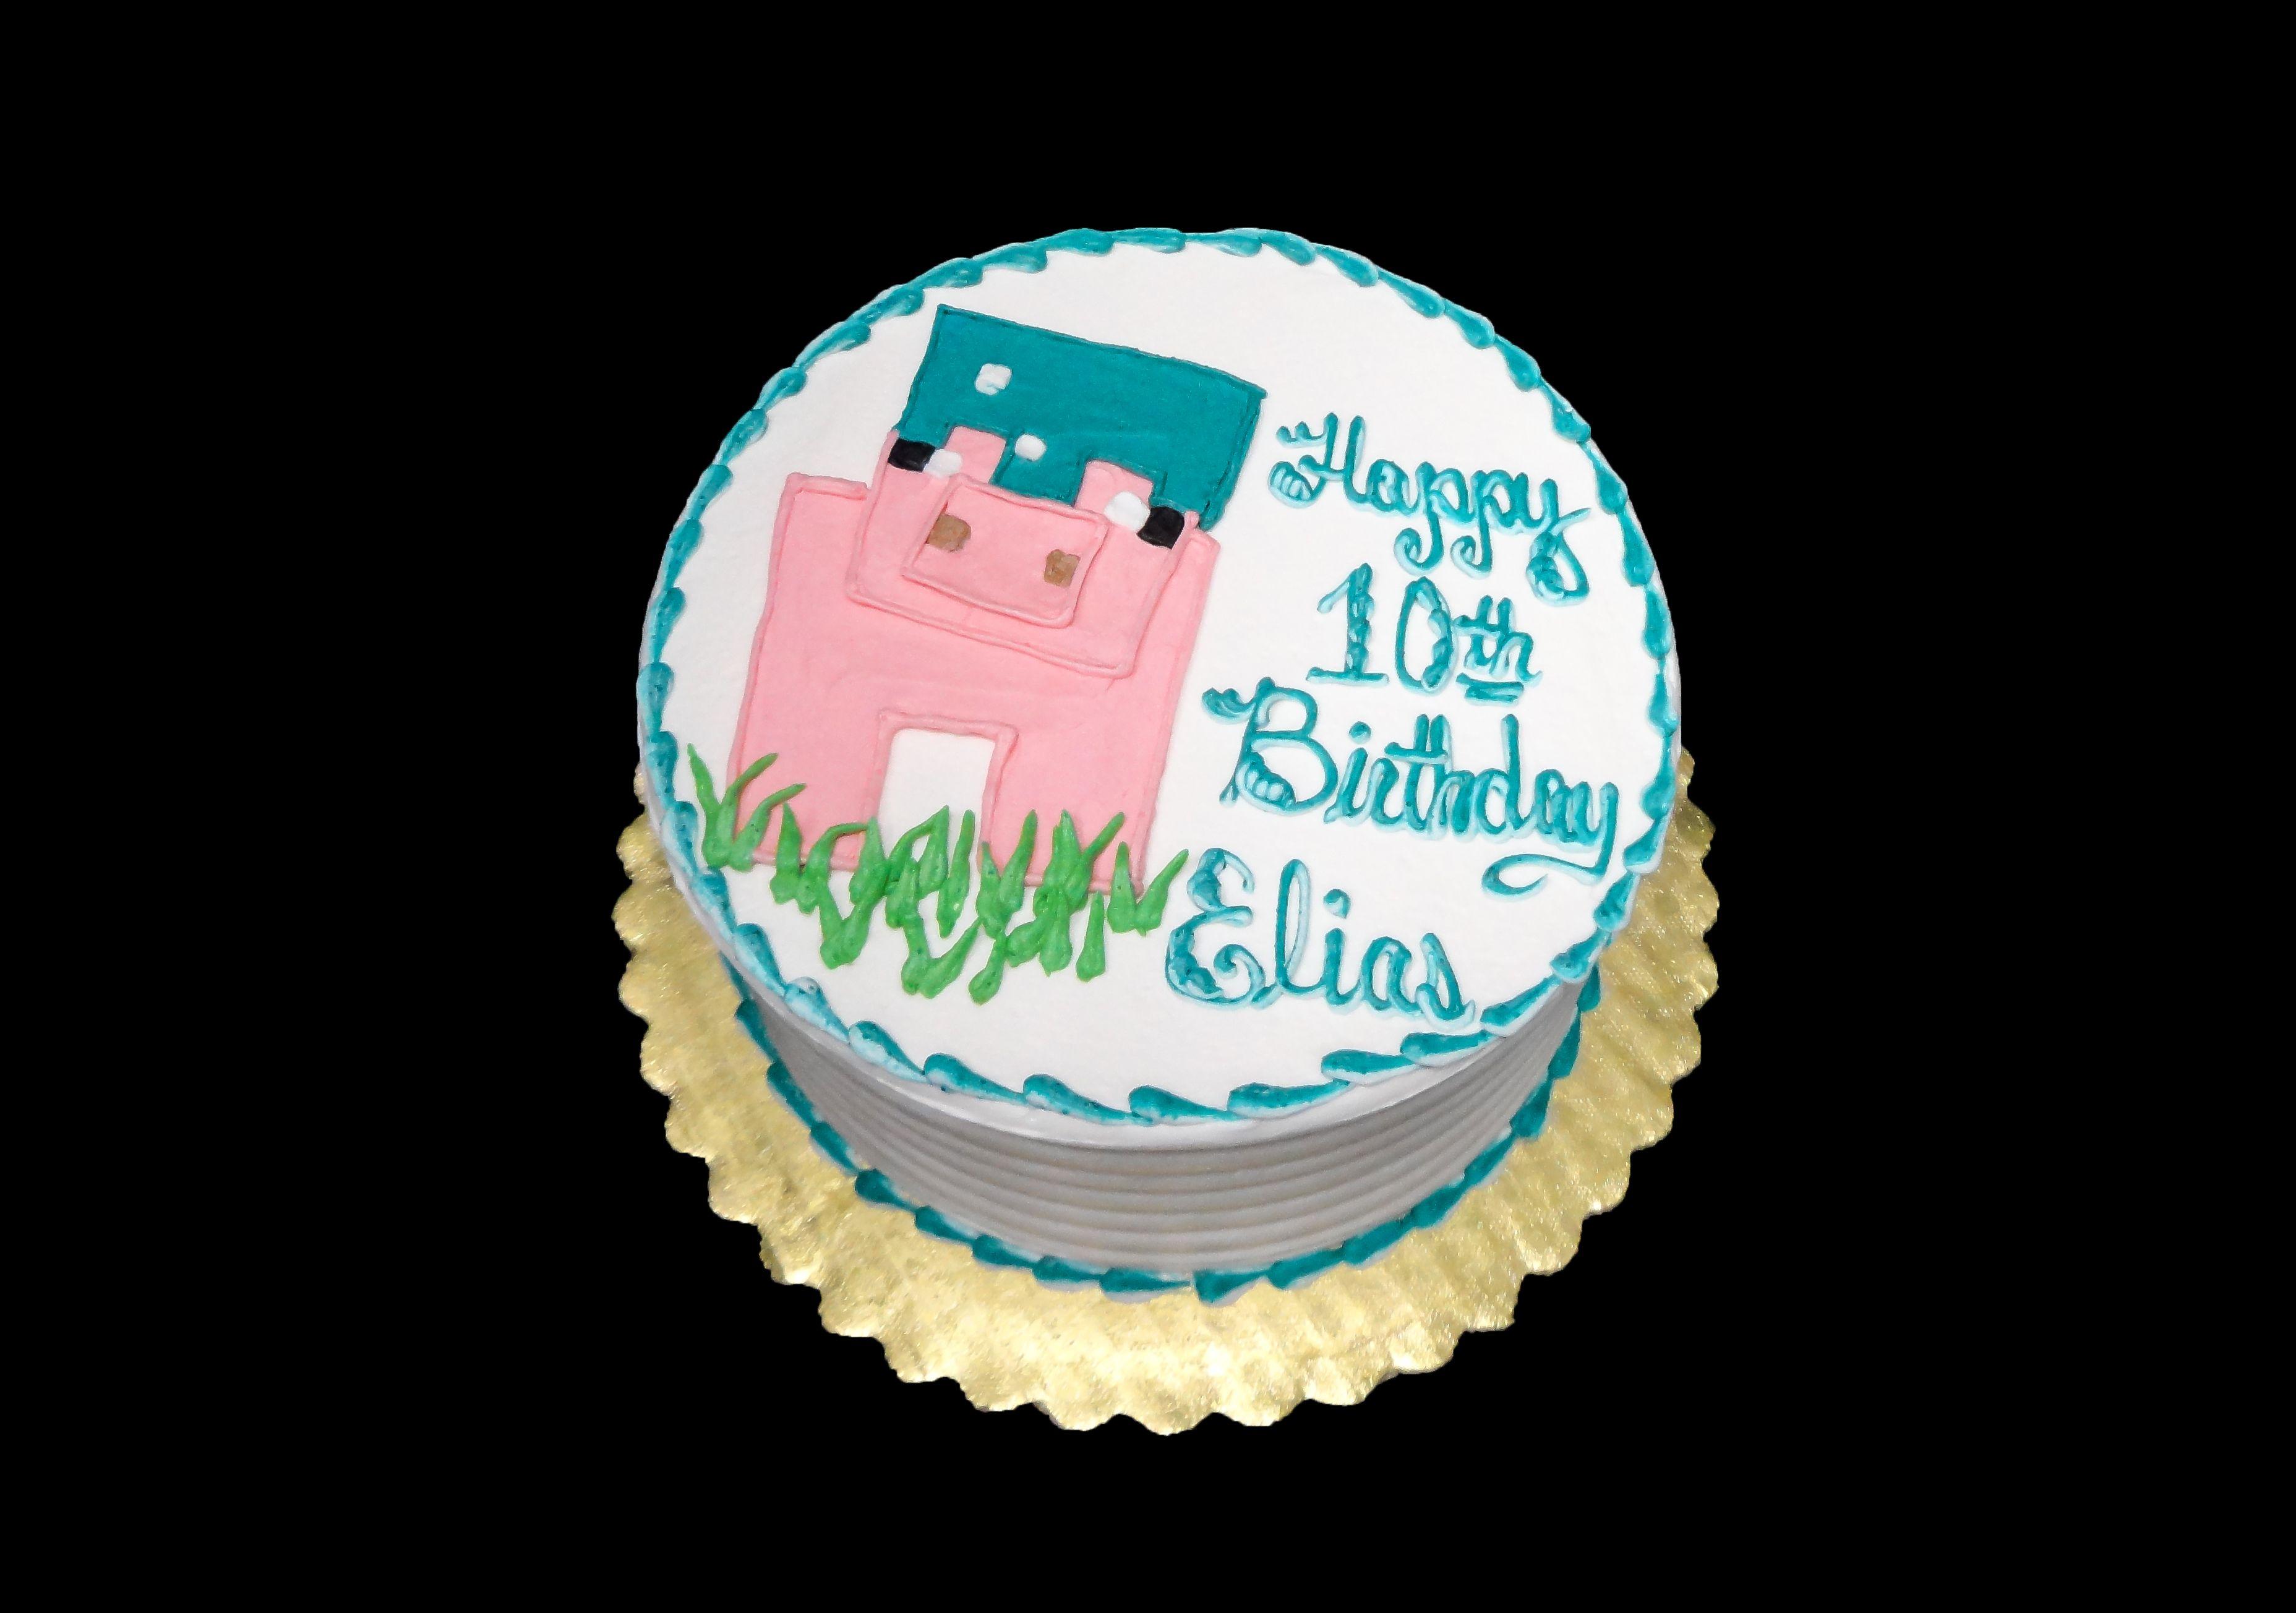 Happy 10th Birthday Elias wwwsweetperfectionscom